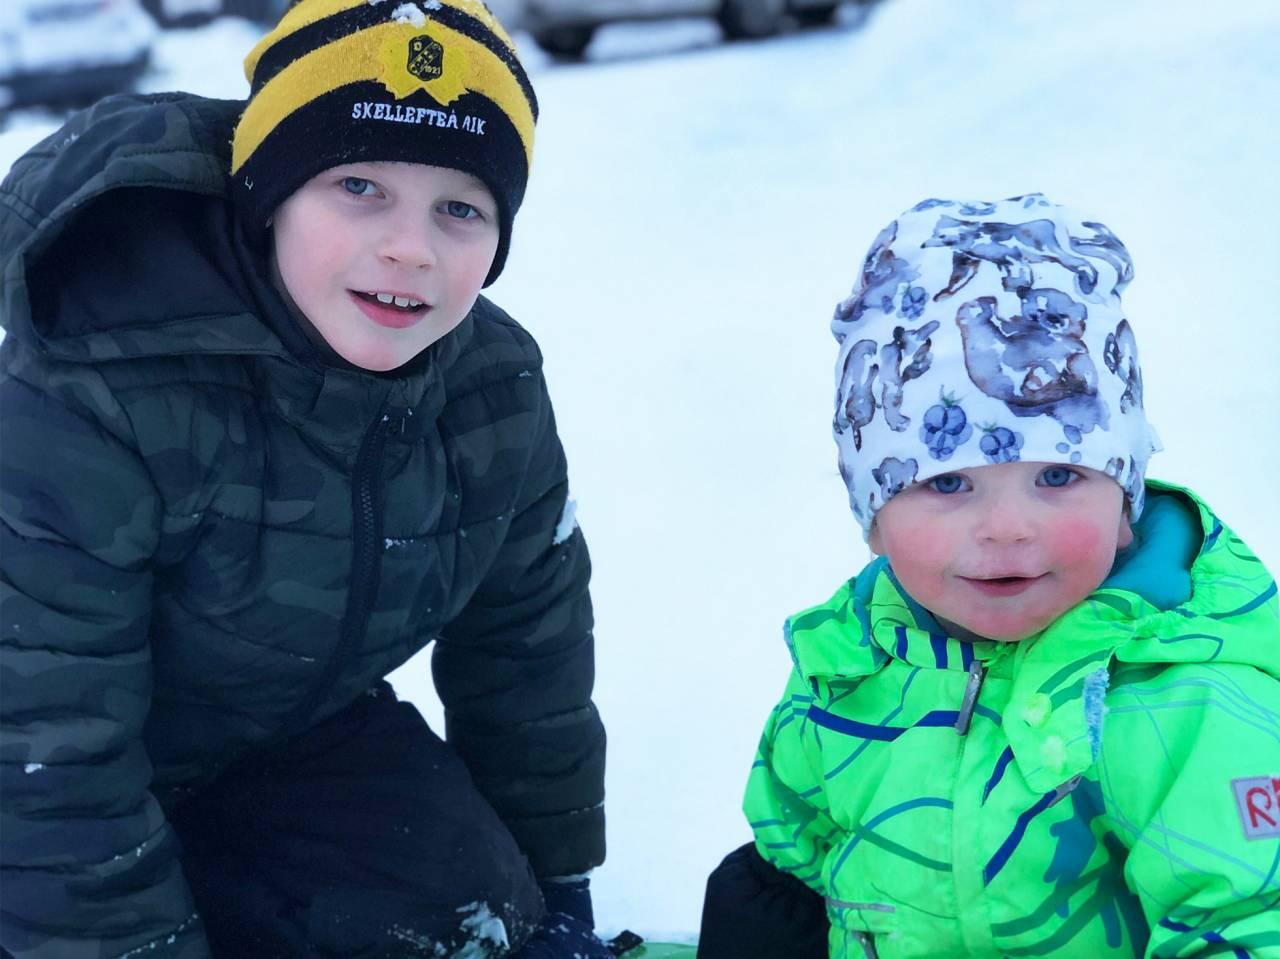 Till vänster sitter sonen Kevin, till höger sitter sonen Milon.